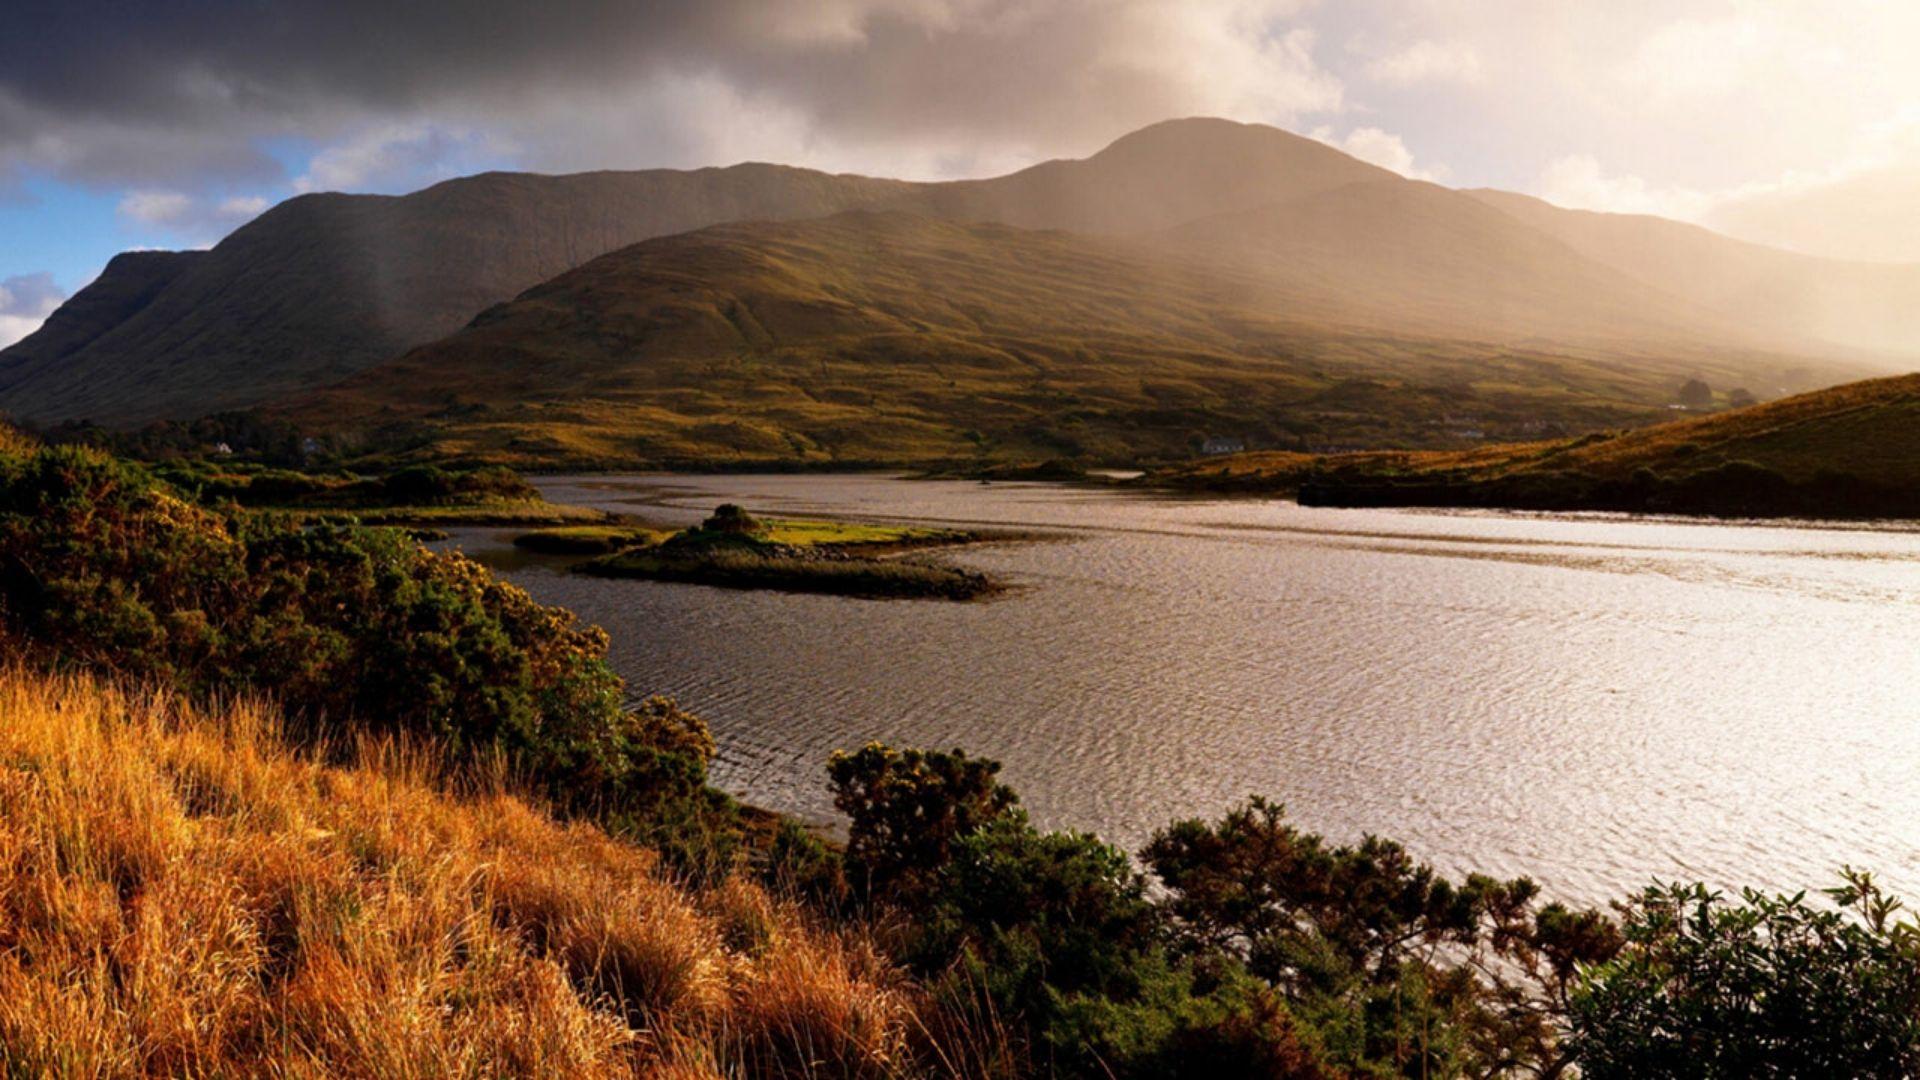 Connemara Scenery